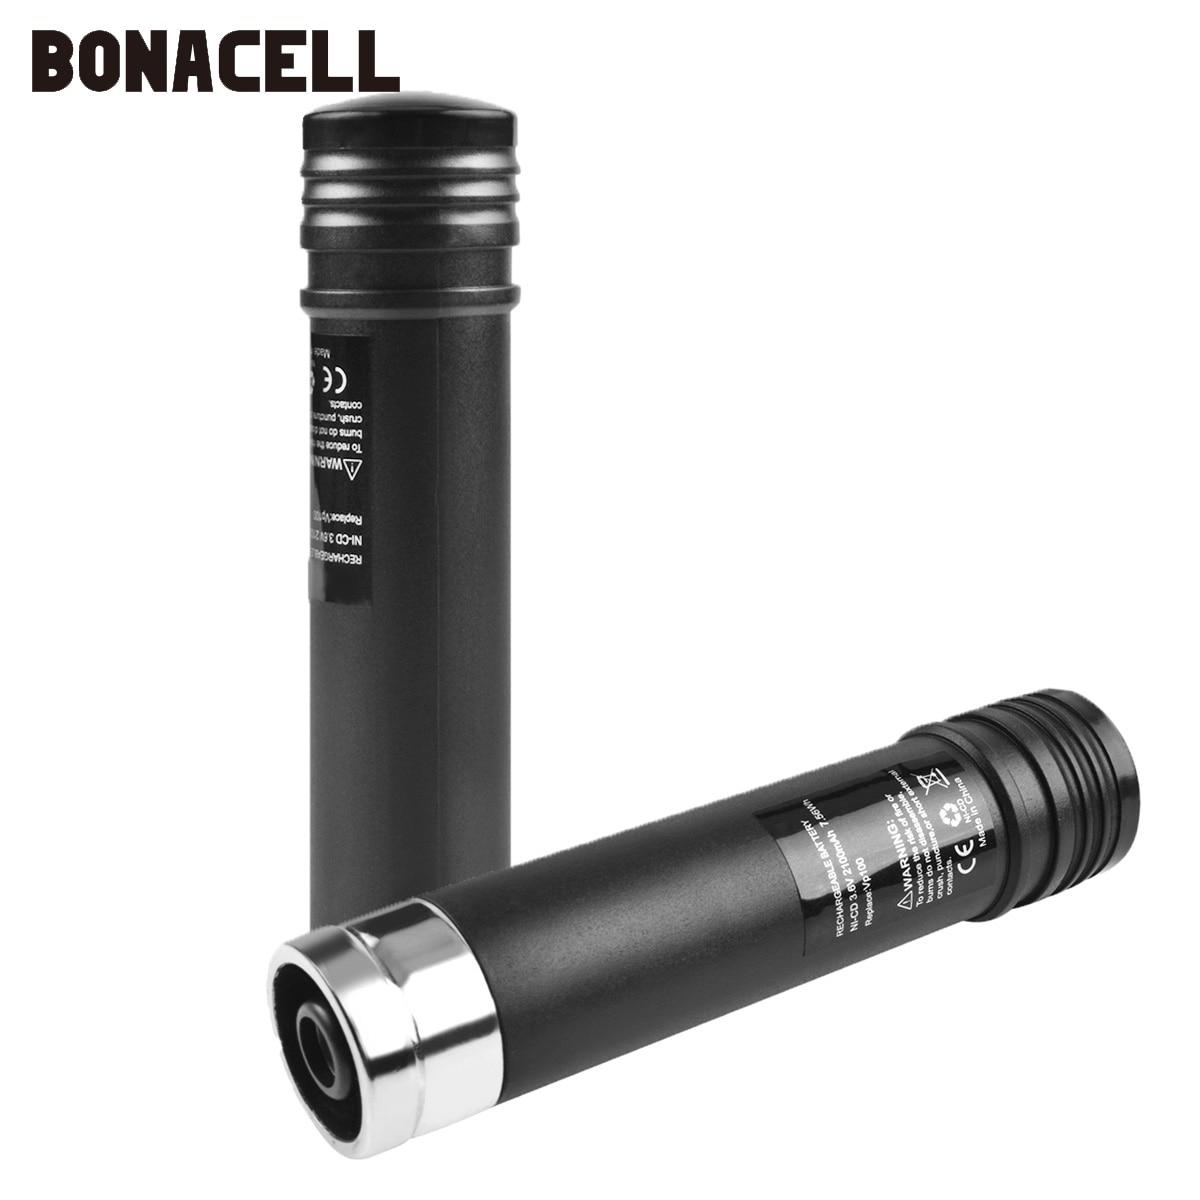 Bonacell 3.6V 2100mAh NiMH Battery For Black & Decker Versapak VP100 VP100C VP105 VP105C VP110 VP110C VP143 Versapak Battery L10